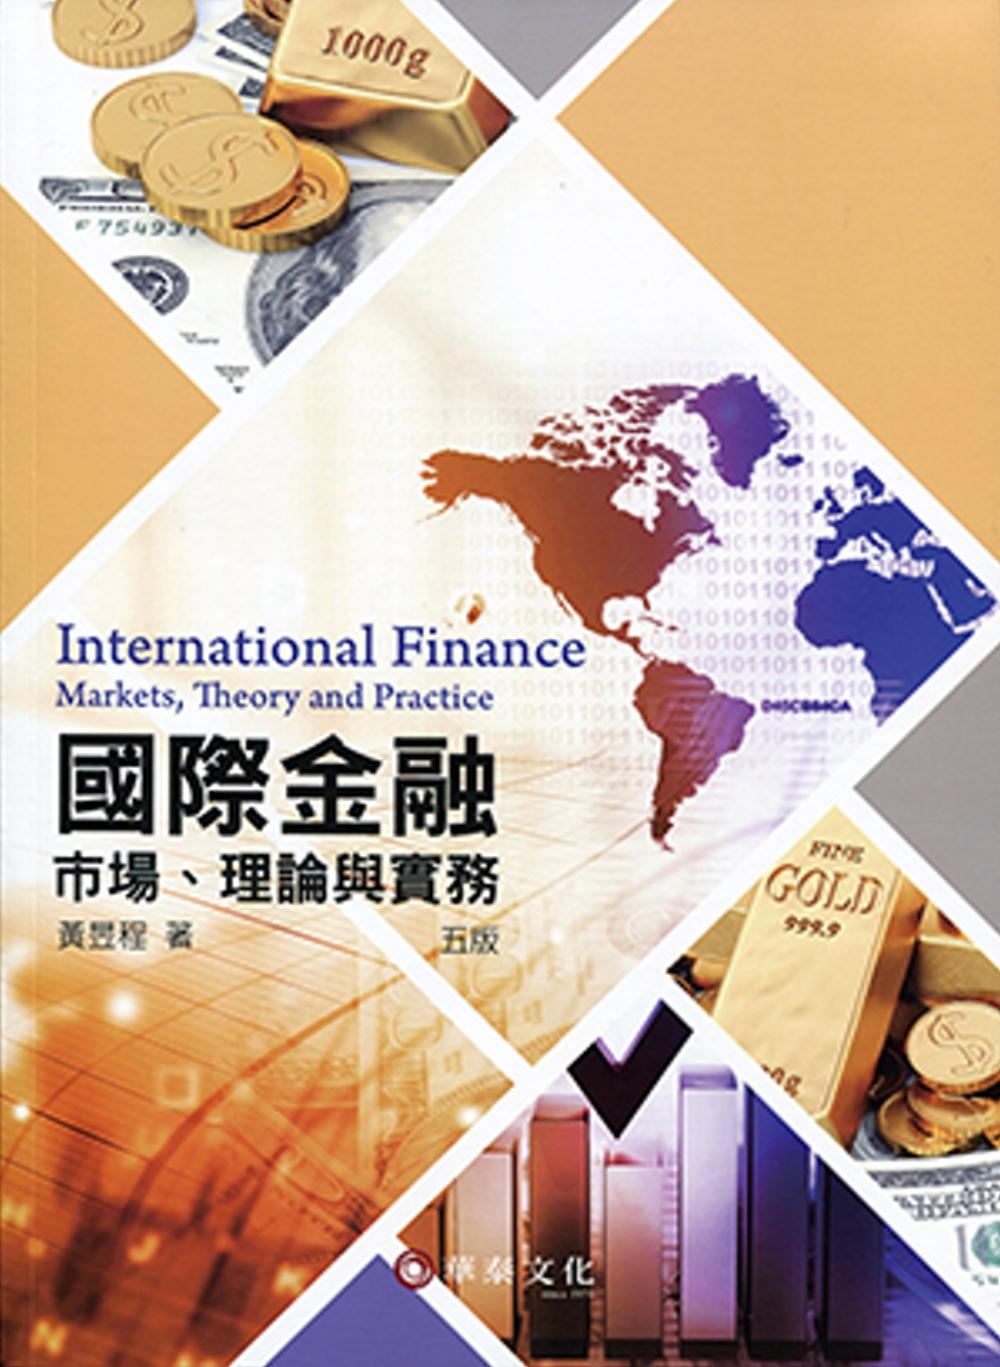 國際金融:市場、理論與實務(5版)